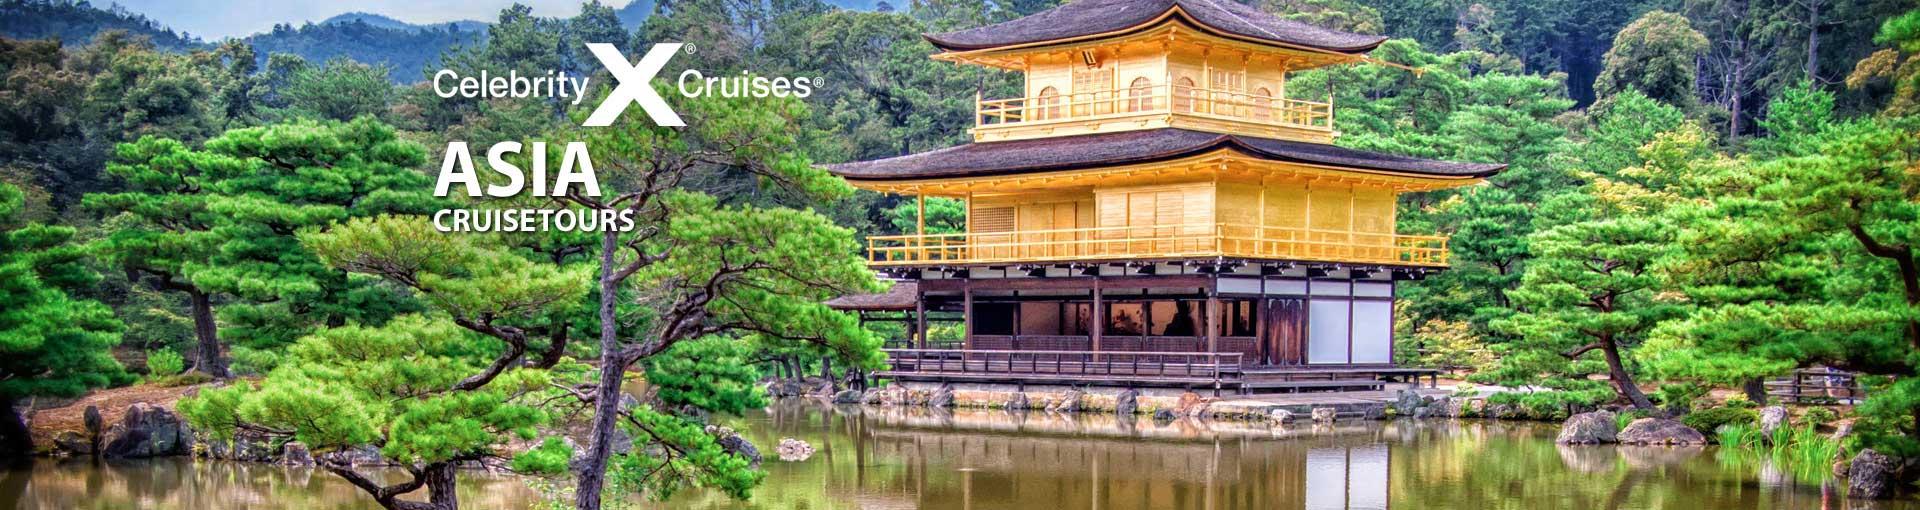 Celebrity Cruises Asia Cruisetours